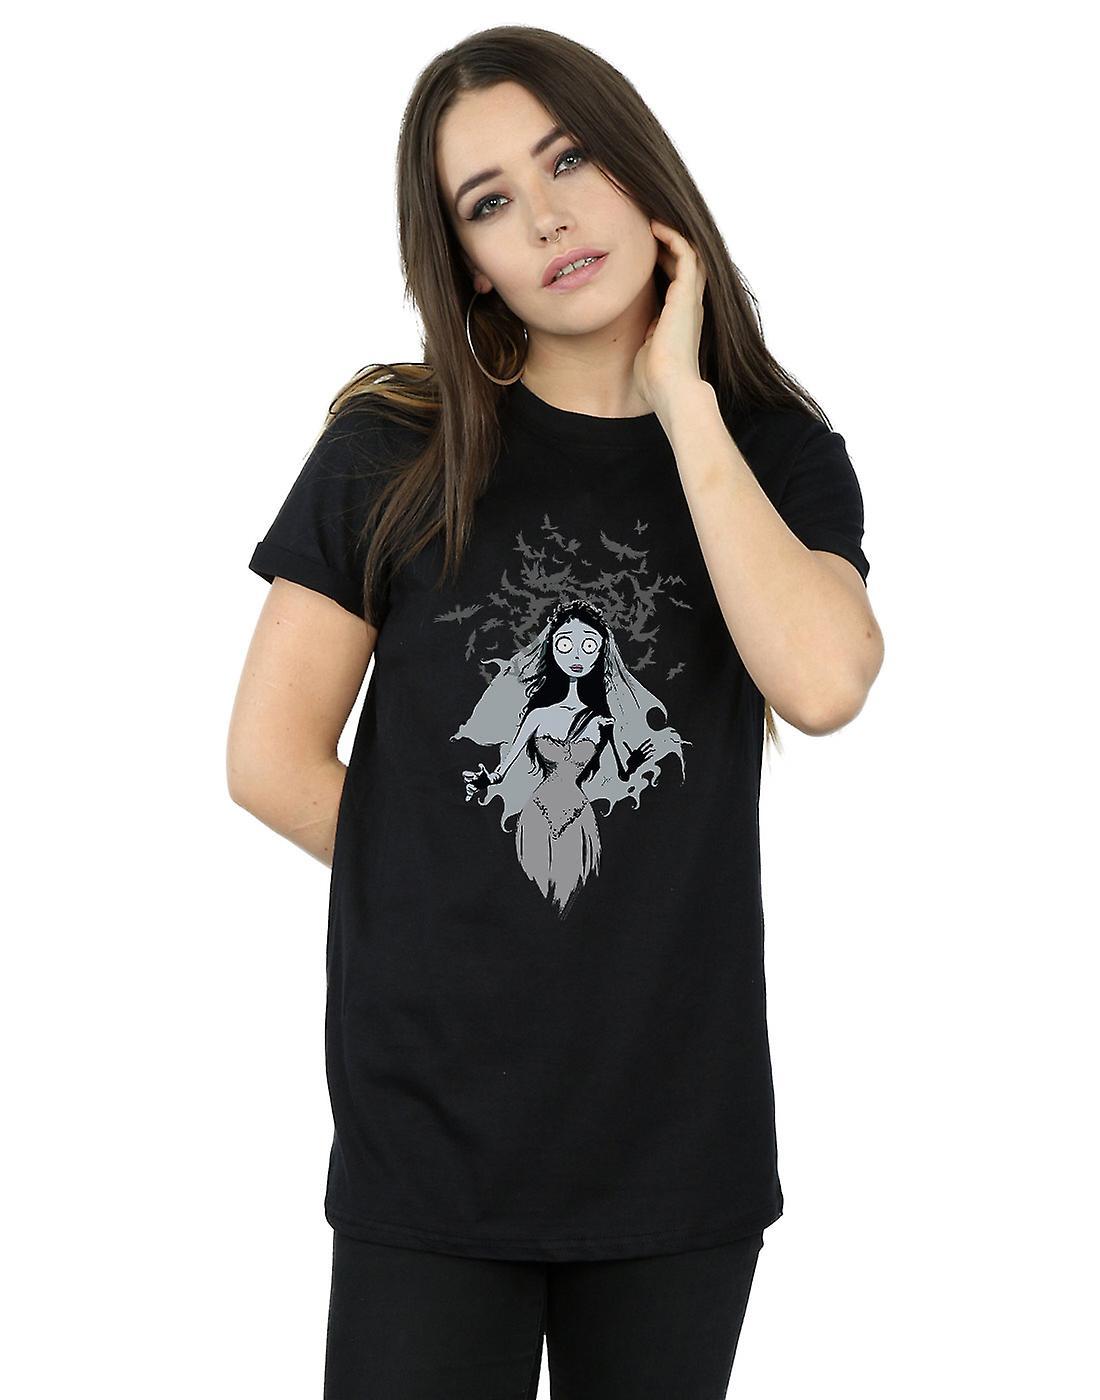 Corpse Bride Women's Crow Veil Boyfriend Fit T-Shirt